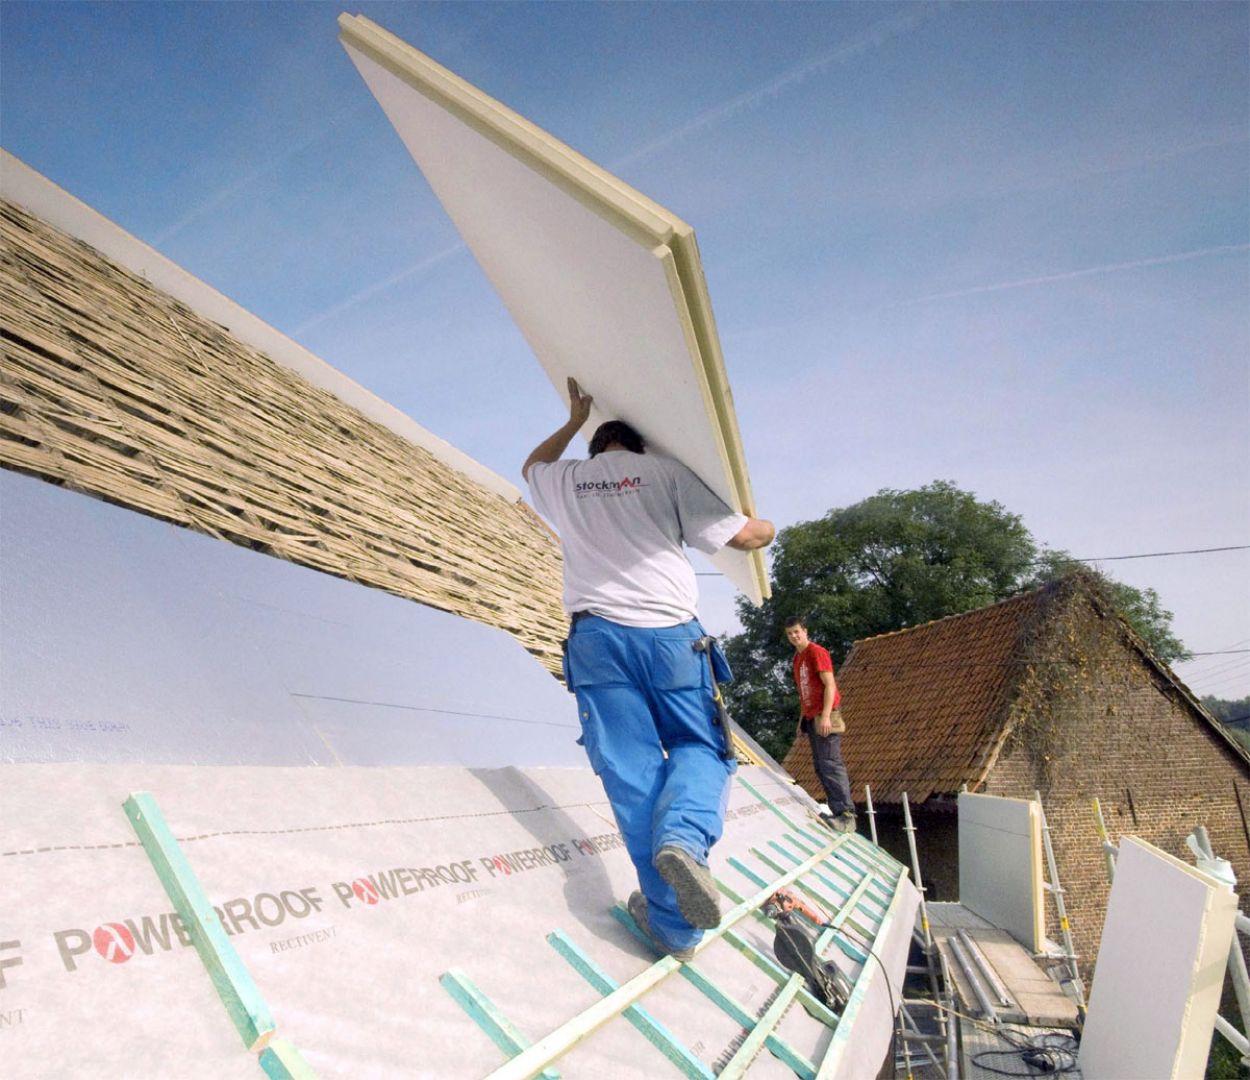 Dach jest jednym z trudniejszych do wykonania elementów budynku. Dlatego jego budowę powinniśmy powierzyć sprawdzonym fachowcom. Bo nawet najlepiej przygotowany projekt i użycie najwyższej jakości materiałów nie da wymarzonego efektu bez profesjonalnego wykonania. Oczywiście podstawą jest prawidłowo rozmierzony dach i co za tym idzie idealne rozłożenie dachówek. Istotna jest też poprawnie wykonana obróbka komina. Fot. Recticel Izolacje